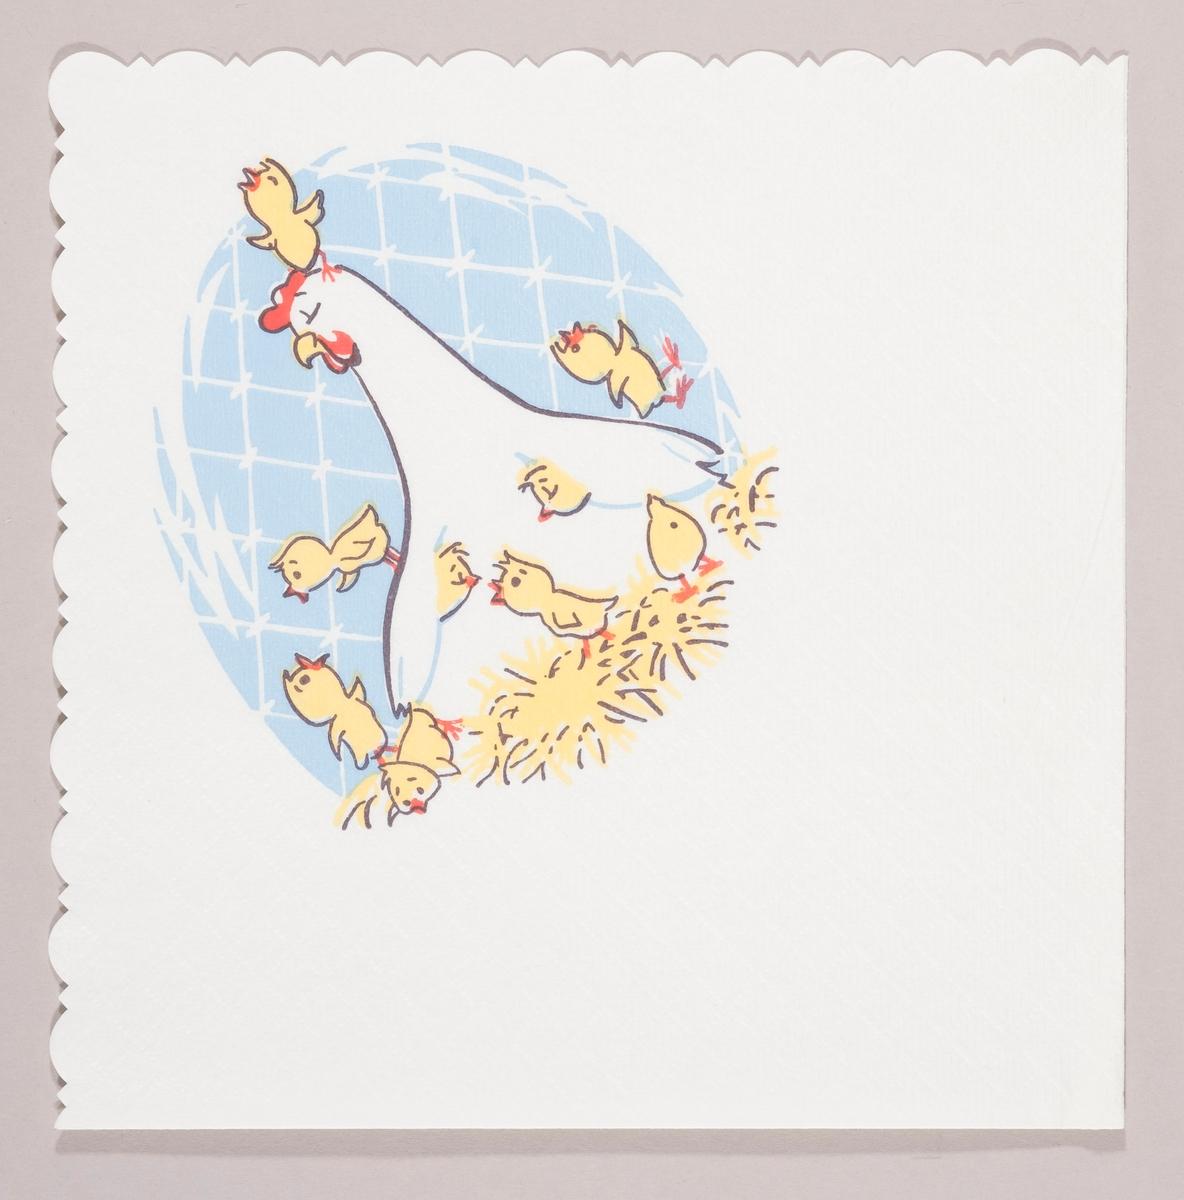 En hønemor sitter i et rede omgitt av kyllinger. I bakgrunnen et stort blått påskeegg.